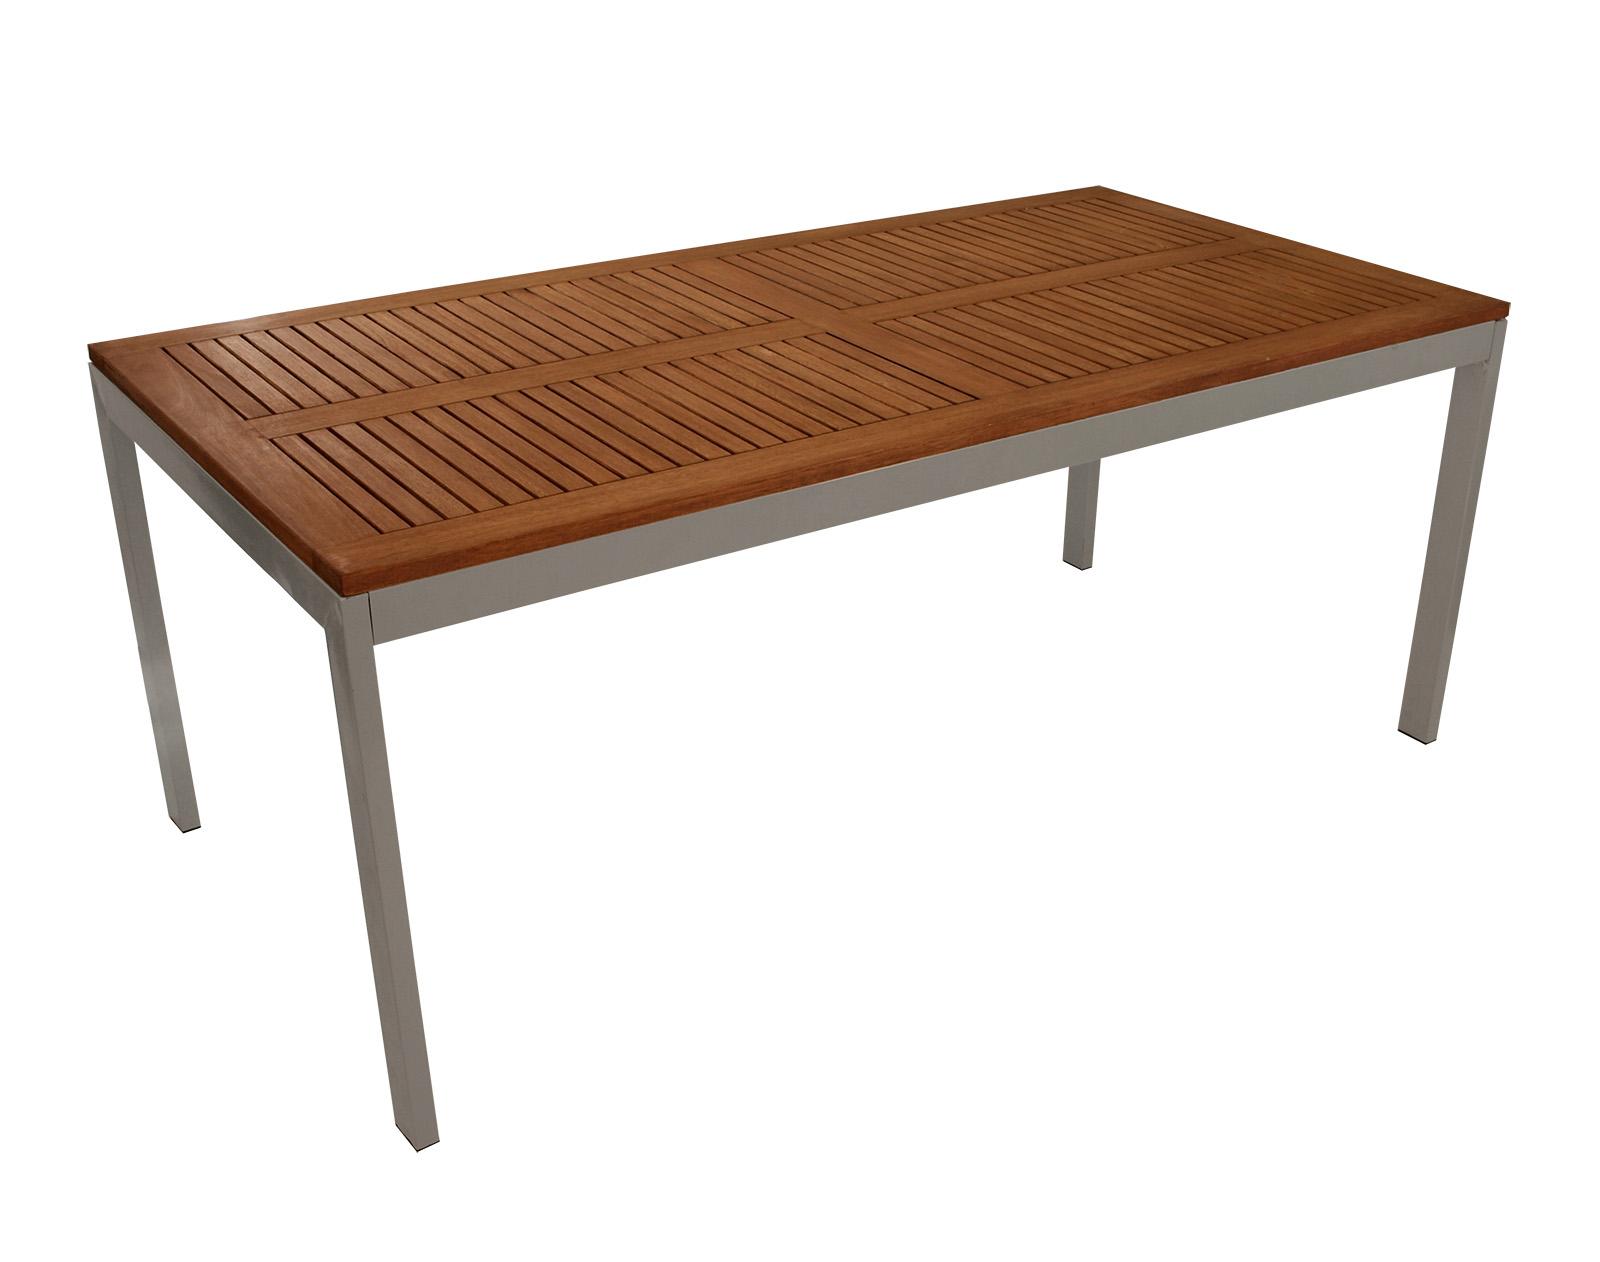 gartentisch holztisch tisch santiago 90x180cm metall und eukalyptusholz 2 wahl ebay. Black Bedroom Furniture Sets. Home Design Ideas